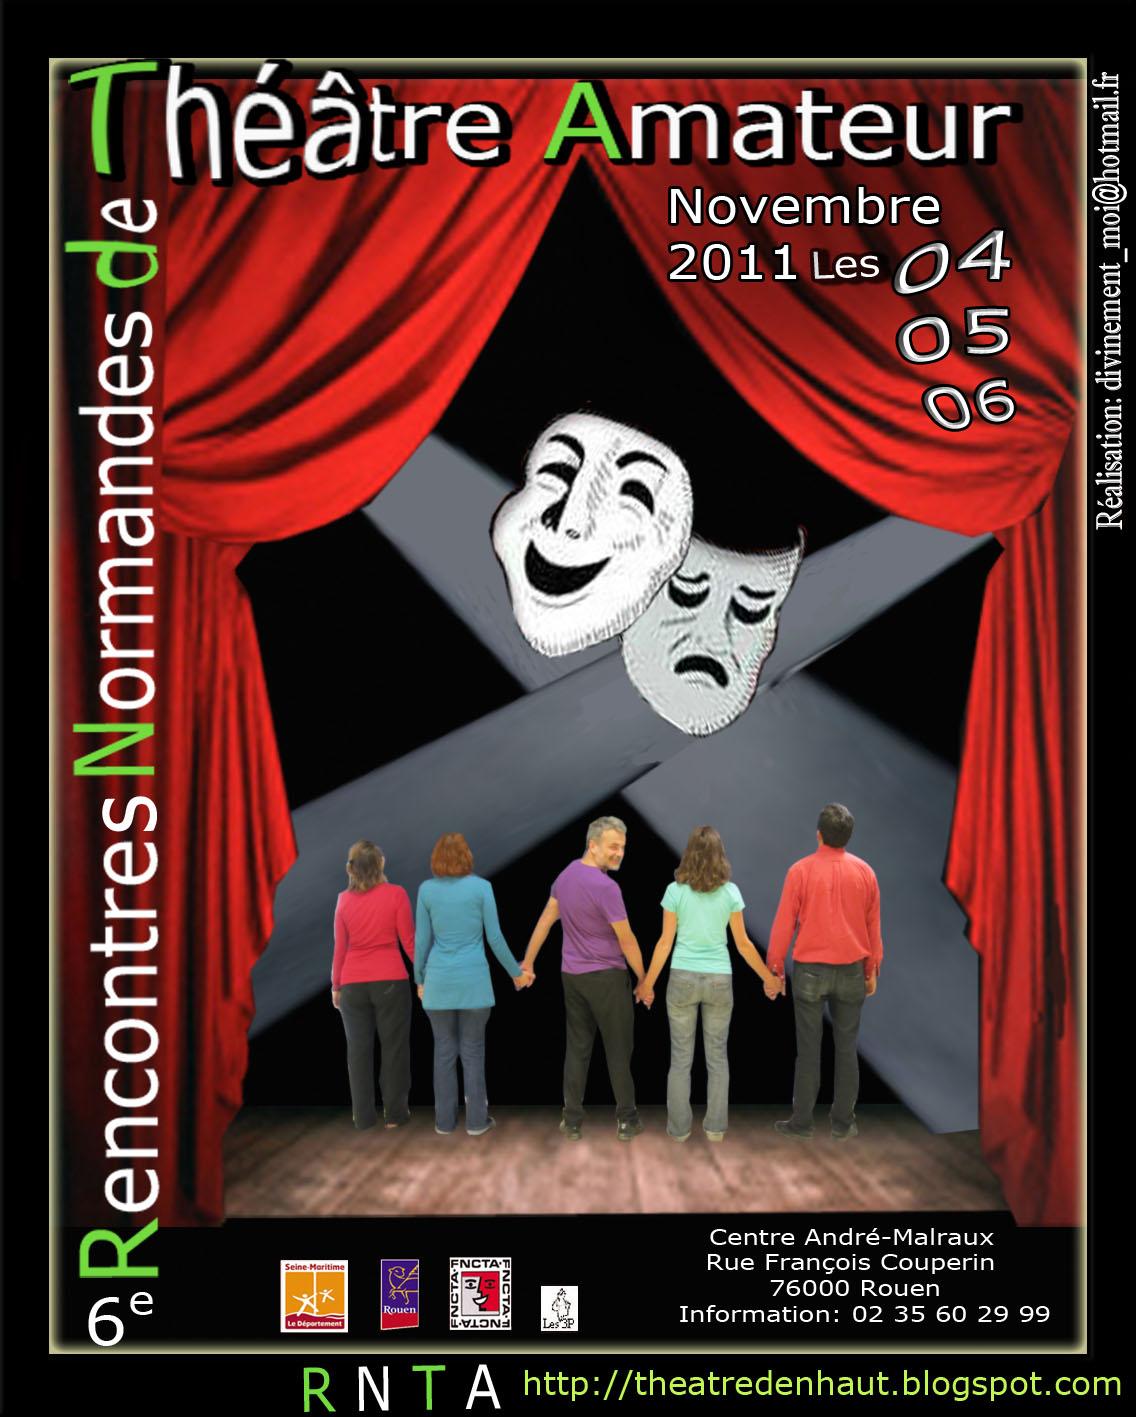 theatre amateur